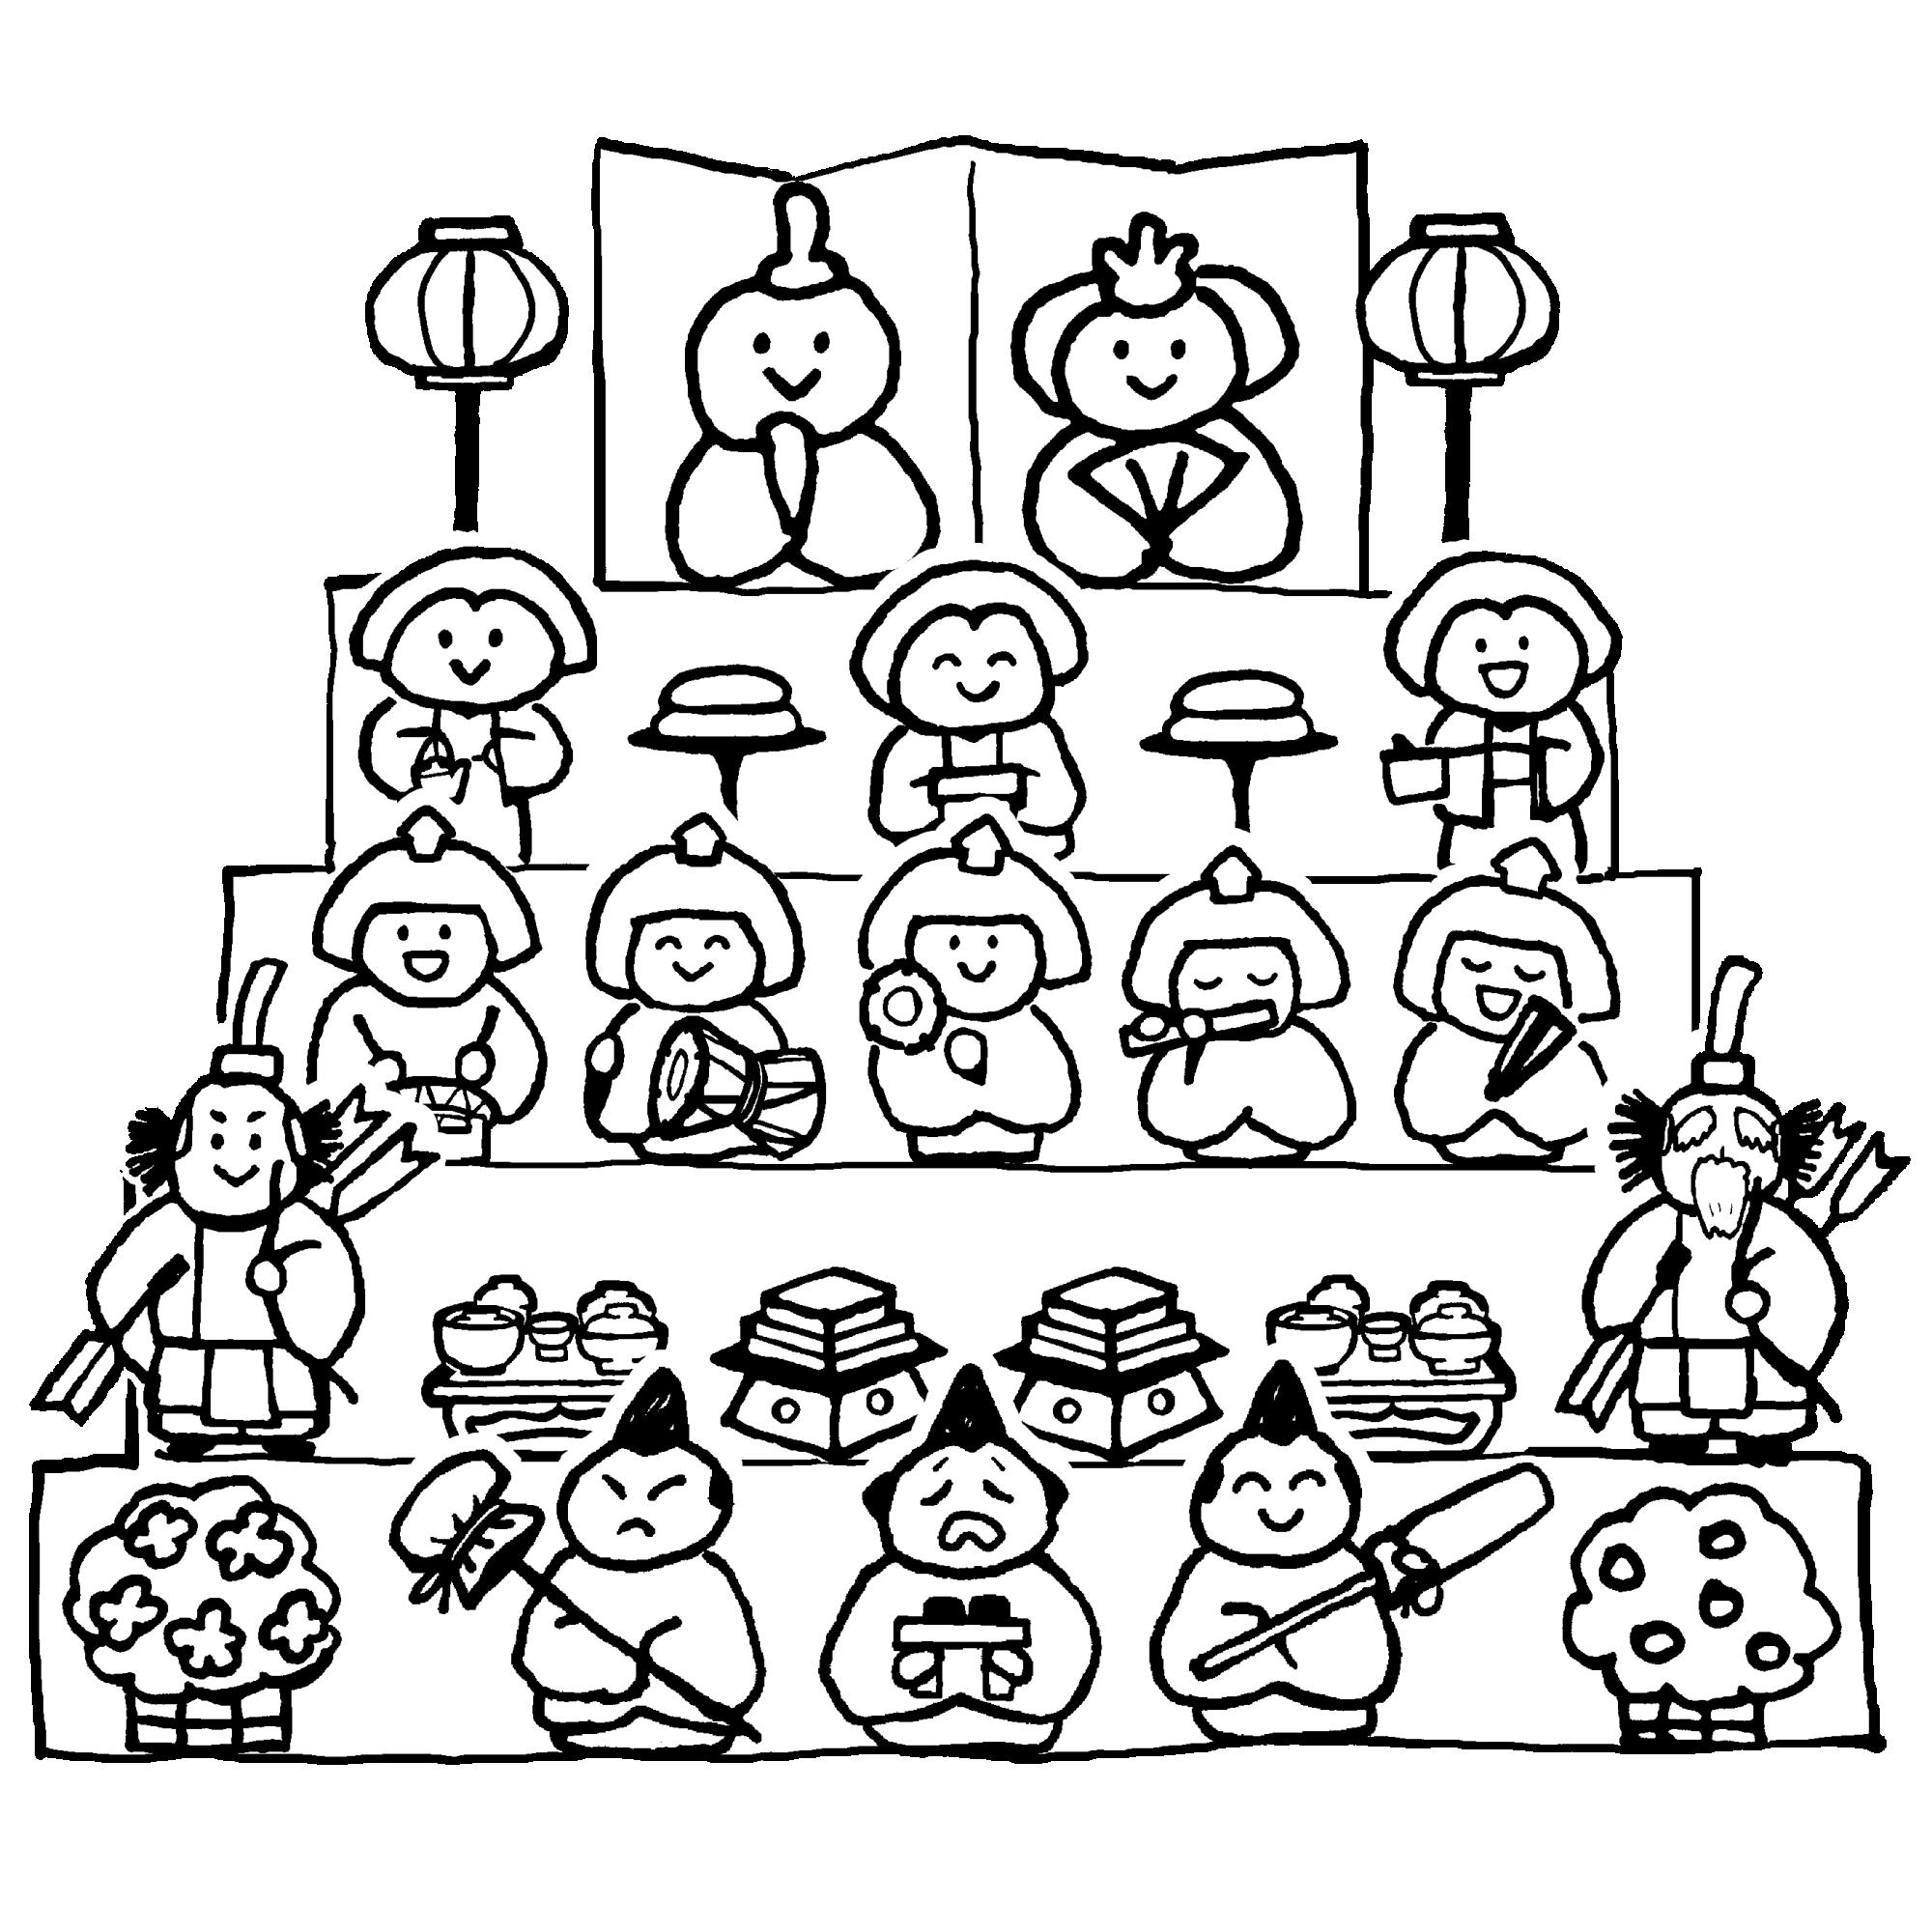 ひな壇(五段)のイラスト / Hina-dan (five-tiered) Illustration